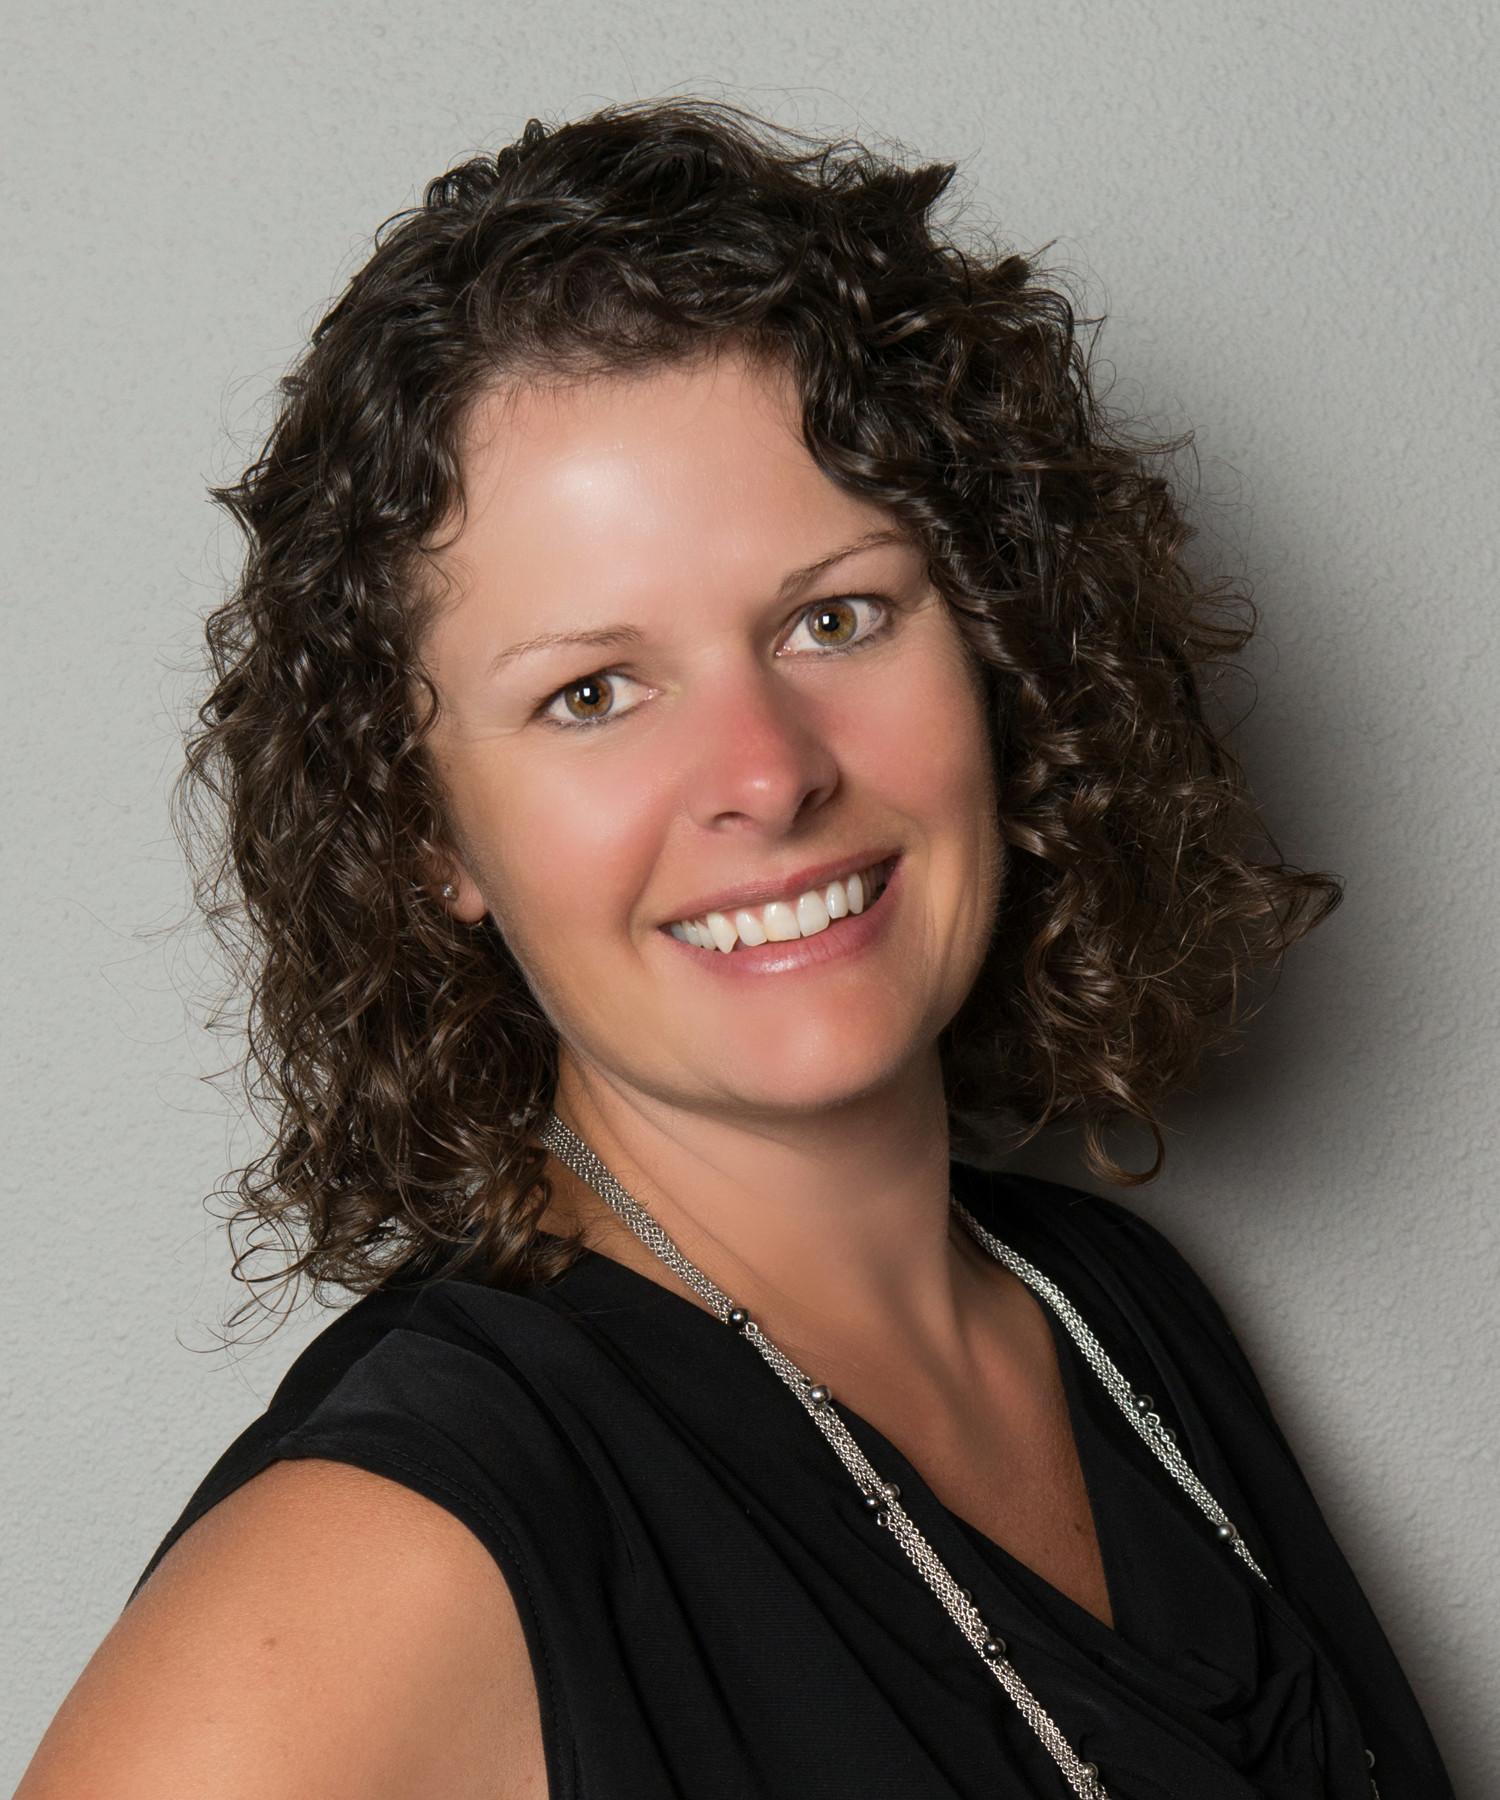 Mindy Seiffert